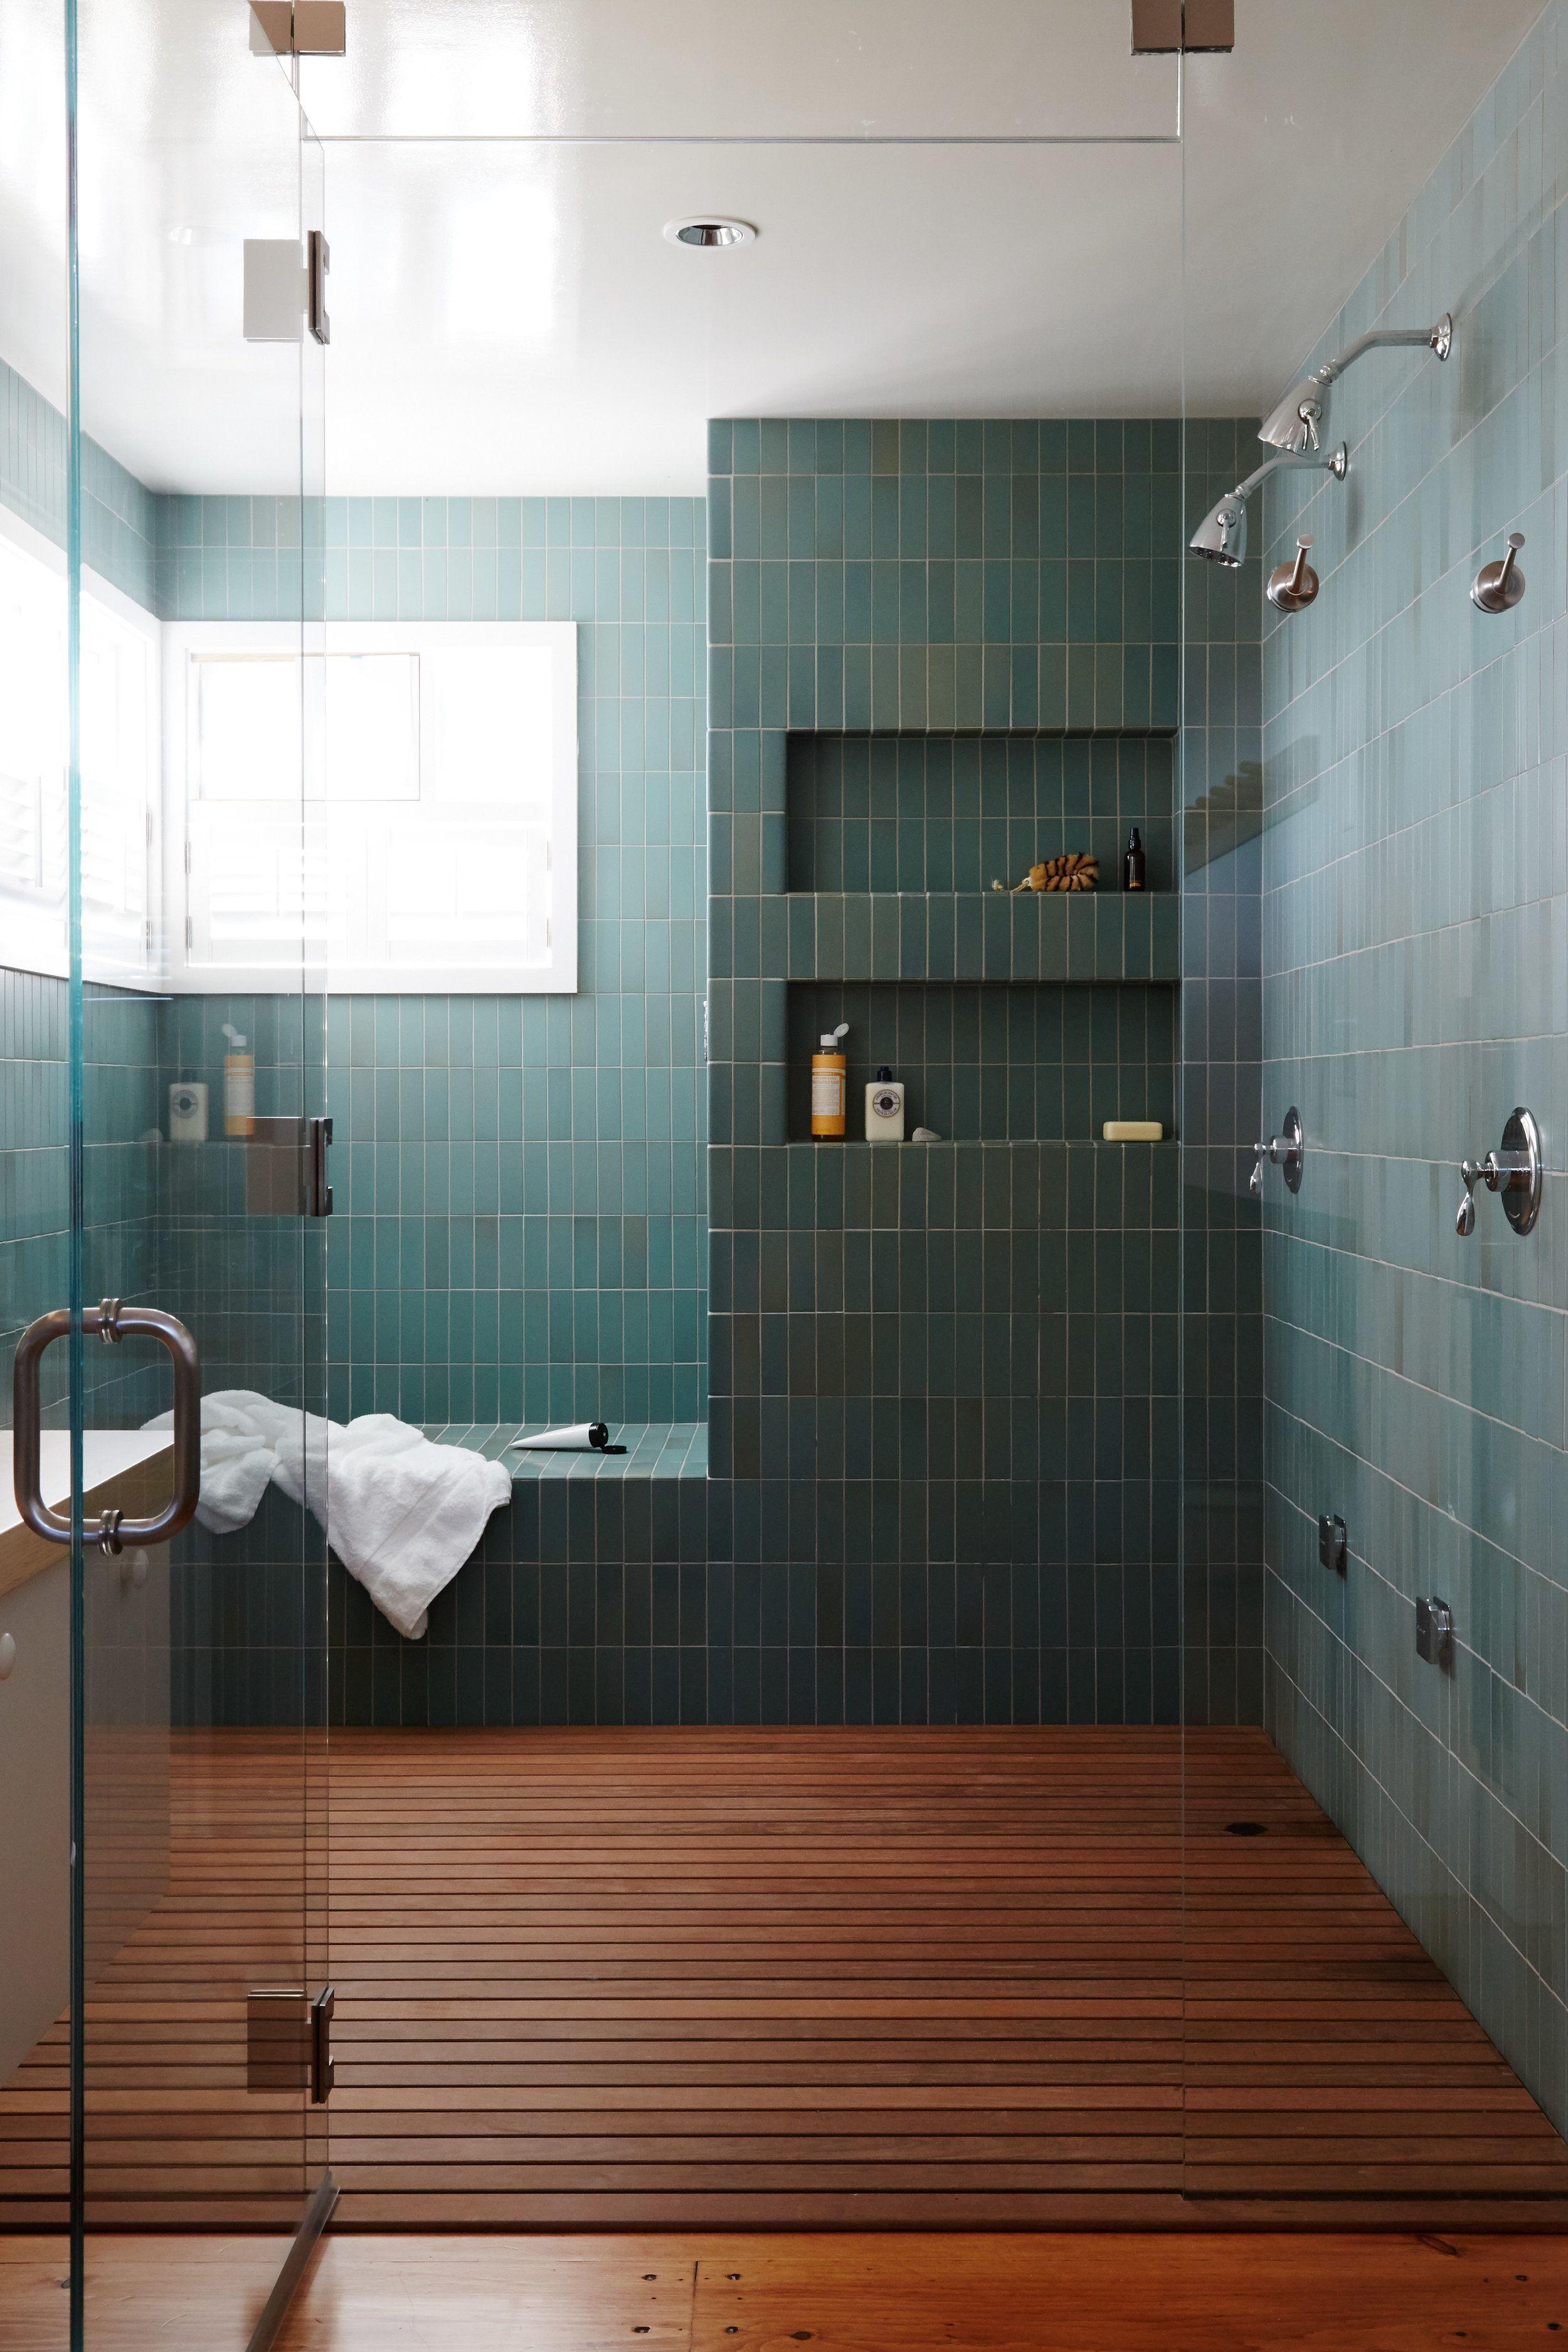 Heath Tile Specified For Steam Shower Idee Salle De Bain